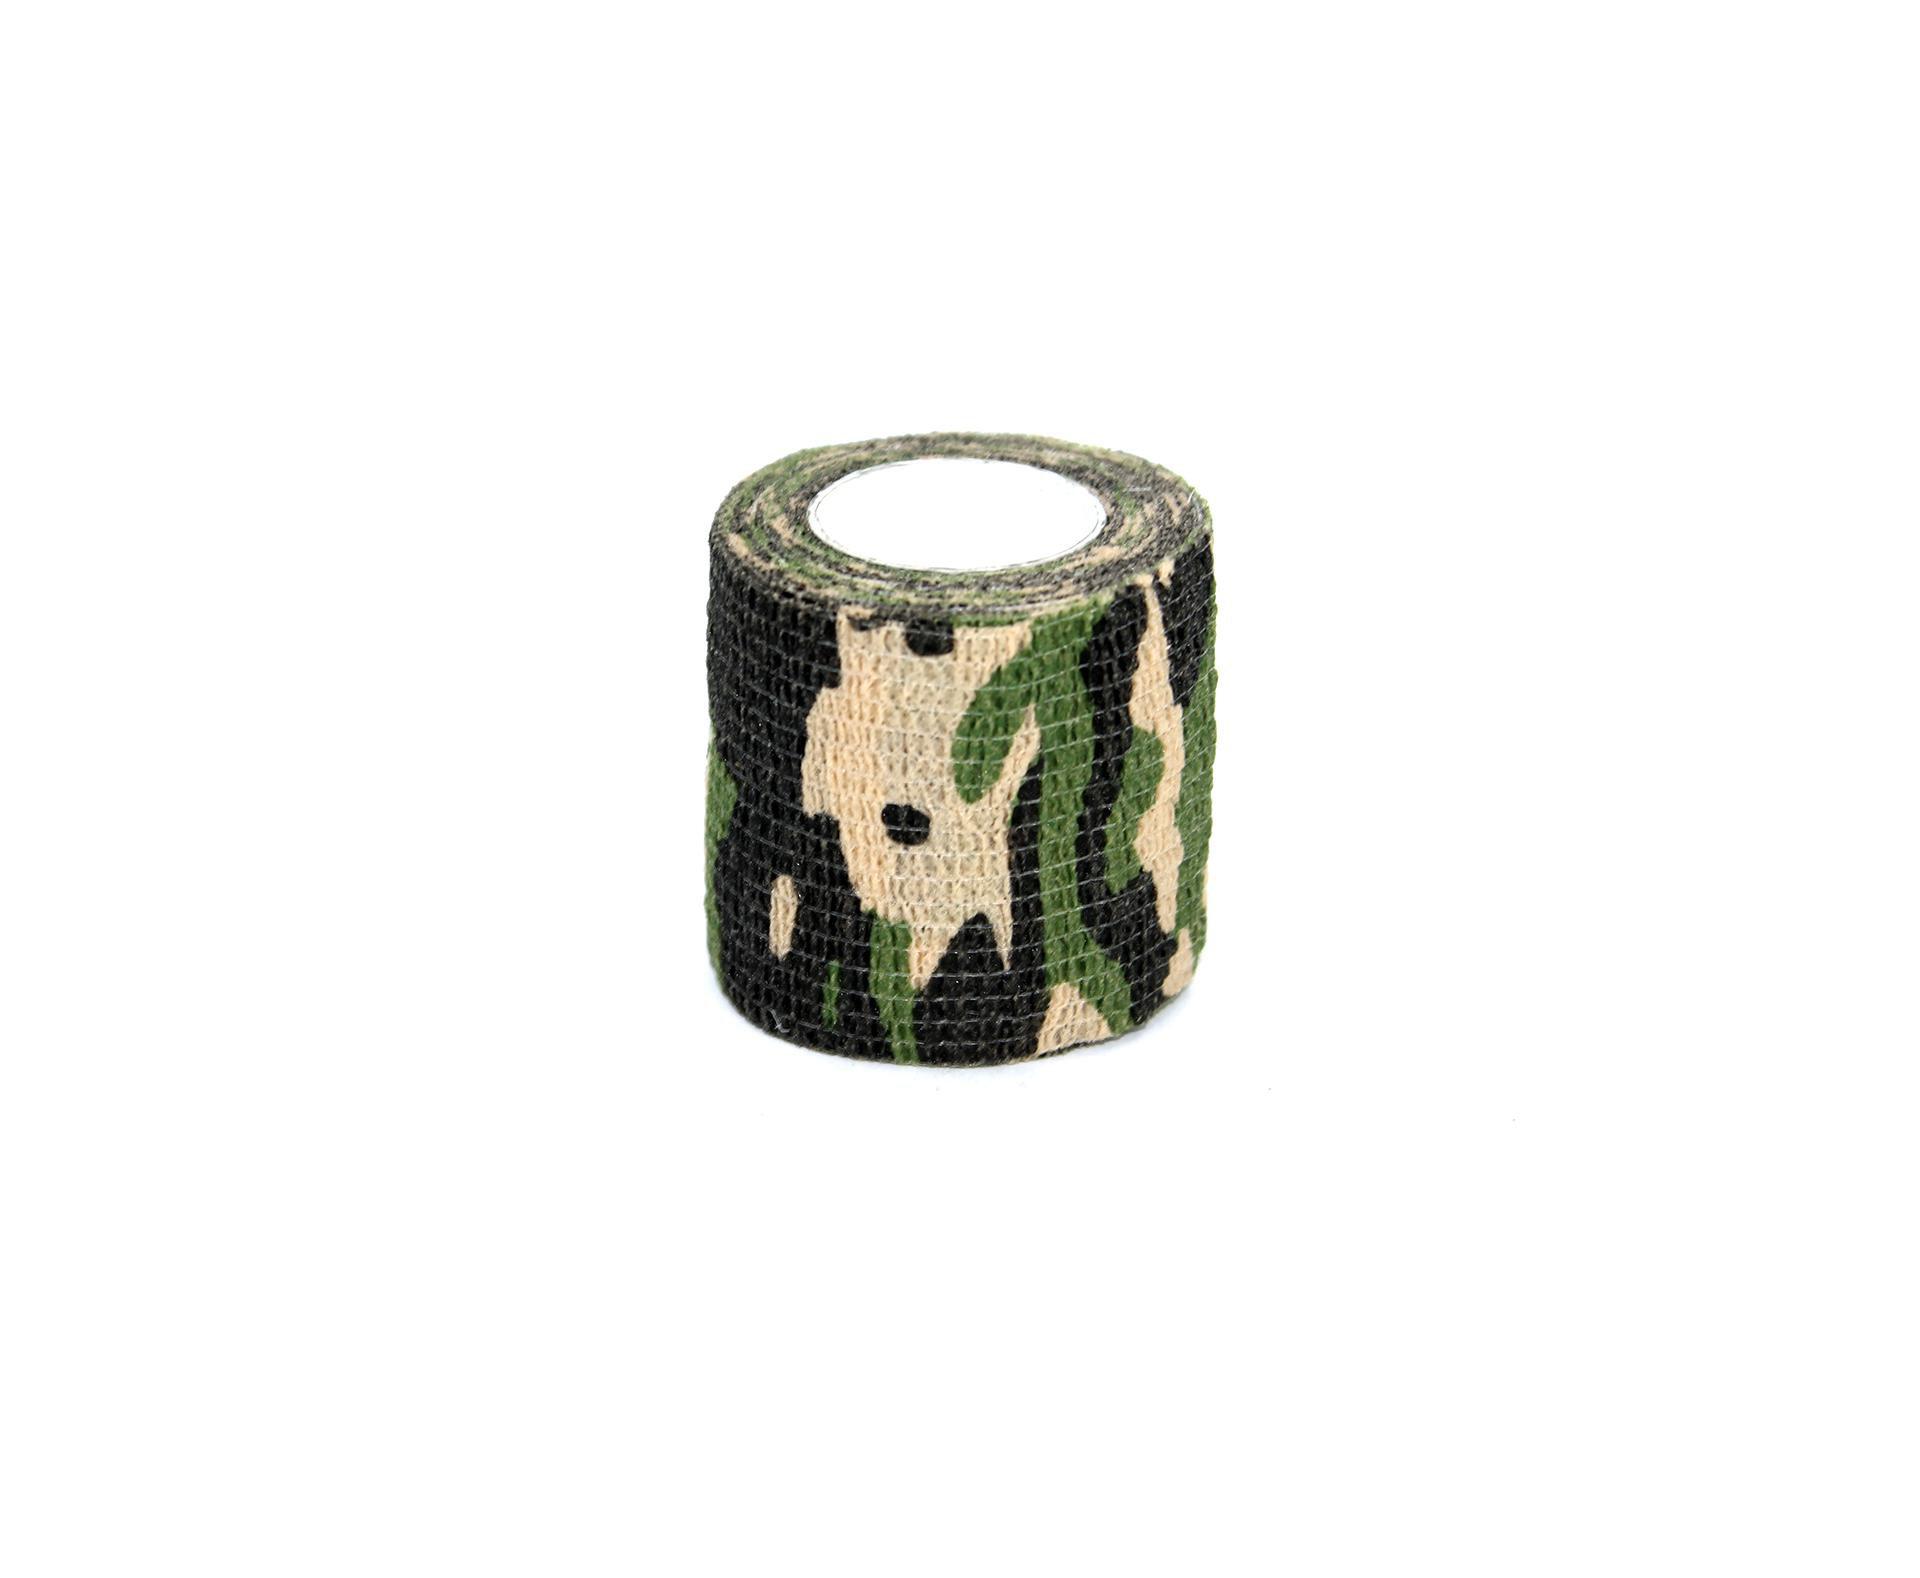 Fita Adesiva Para Camuflagem De Armas - Camu - Camo Tape